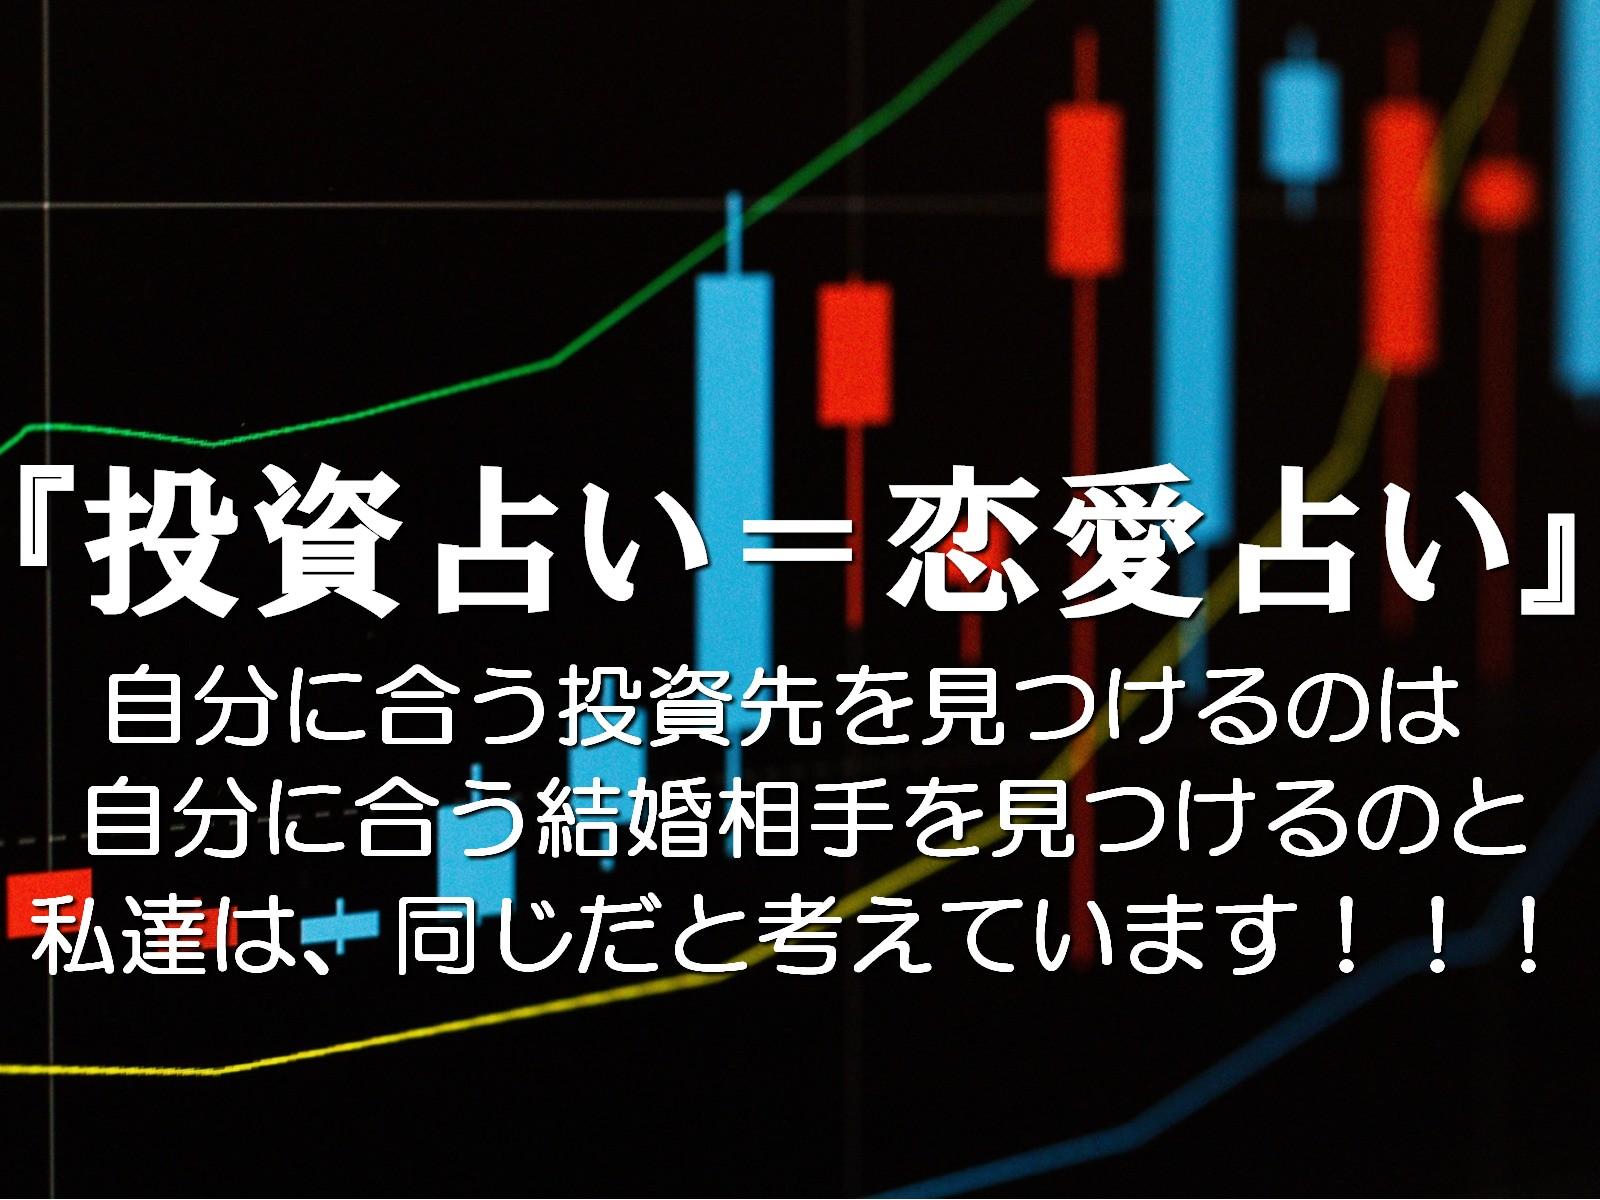 東京渋谷で投資占いなら『占いの観点で投資アドバイス』ができる占い館BCAFE(ビーカフェ)の占い師にお任せ!四柱推命・西洋占星術等の観点から、アナタの性格や運勢を分析し、丁寧にアドバイス。